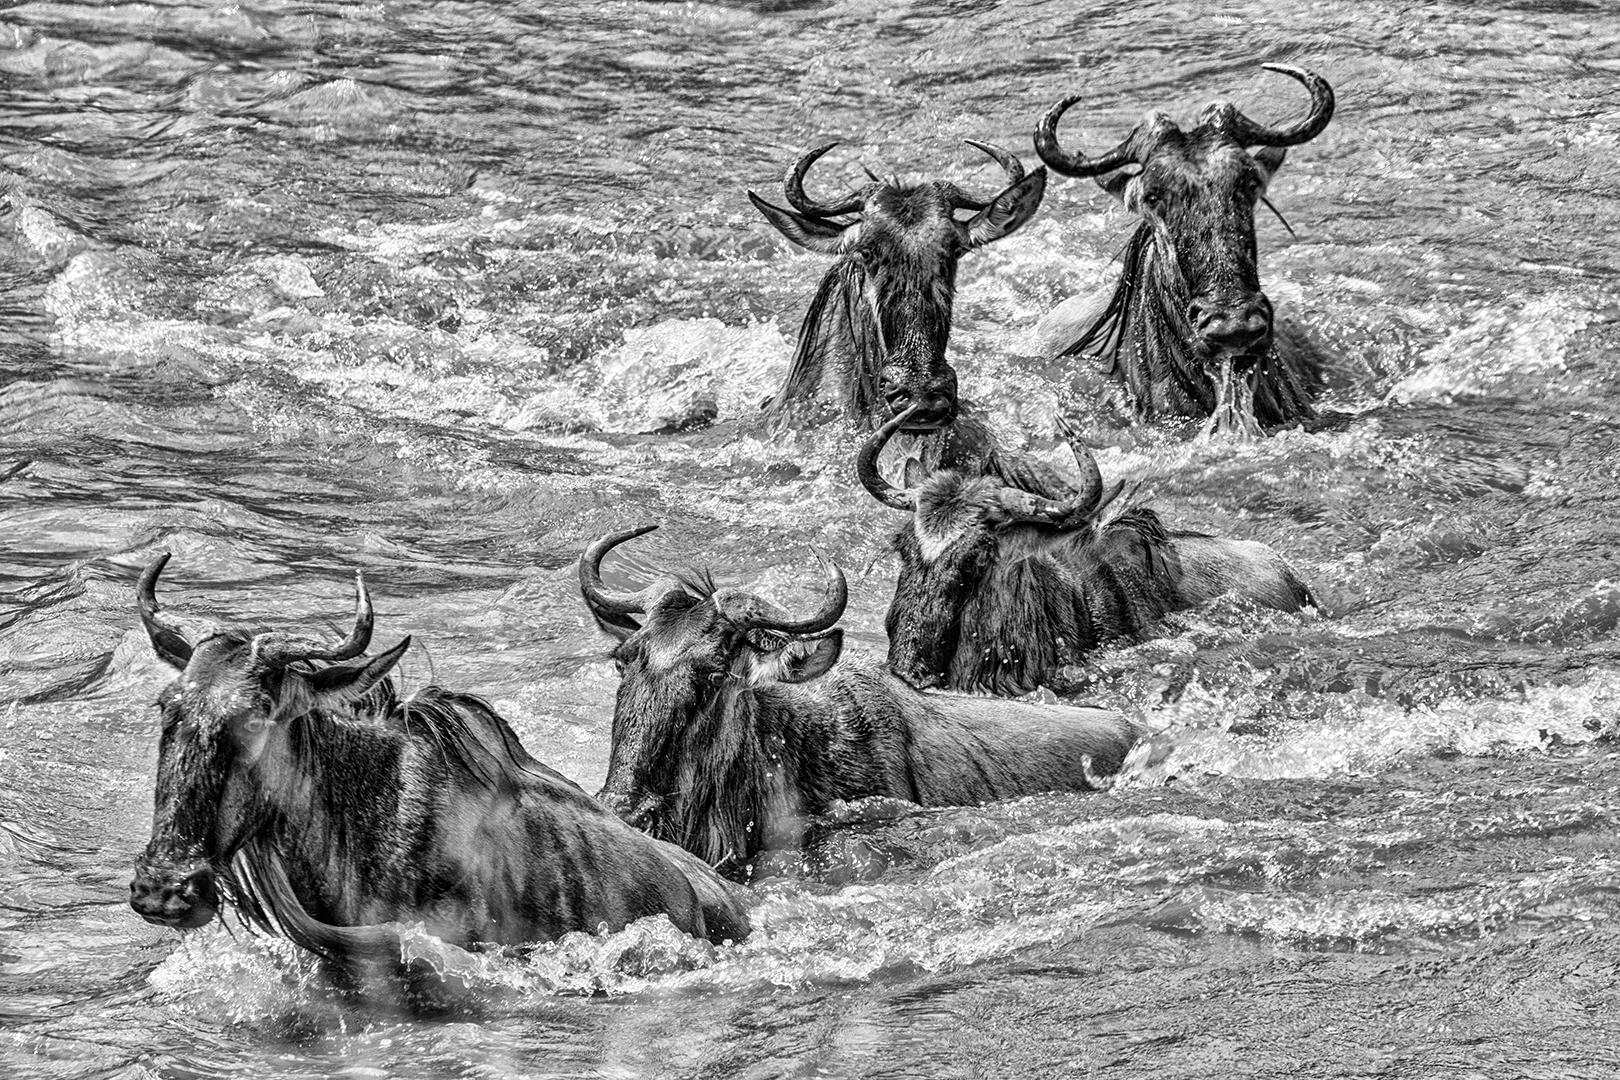 Wildebeest Migration, Susan Greeff; Photography